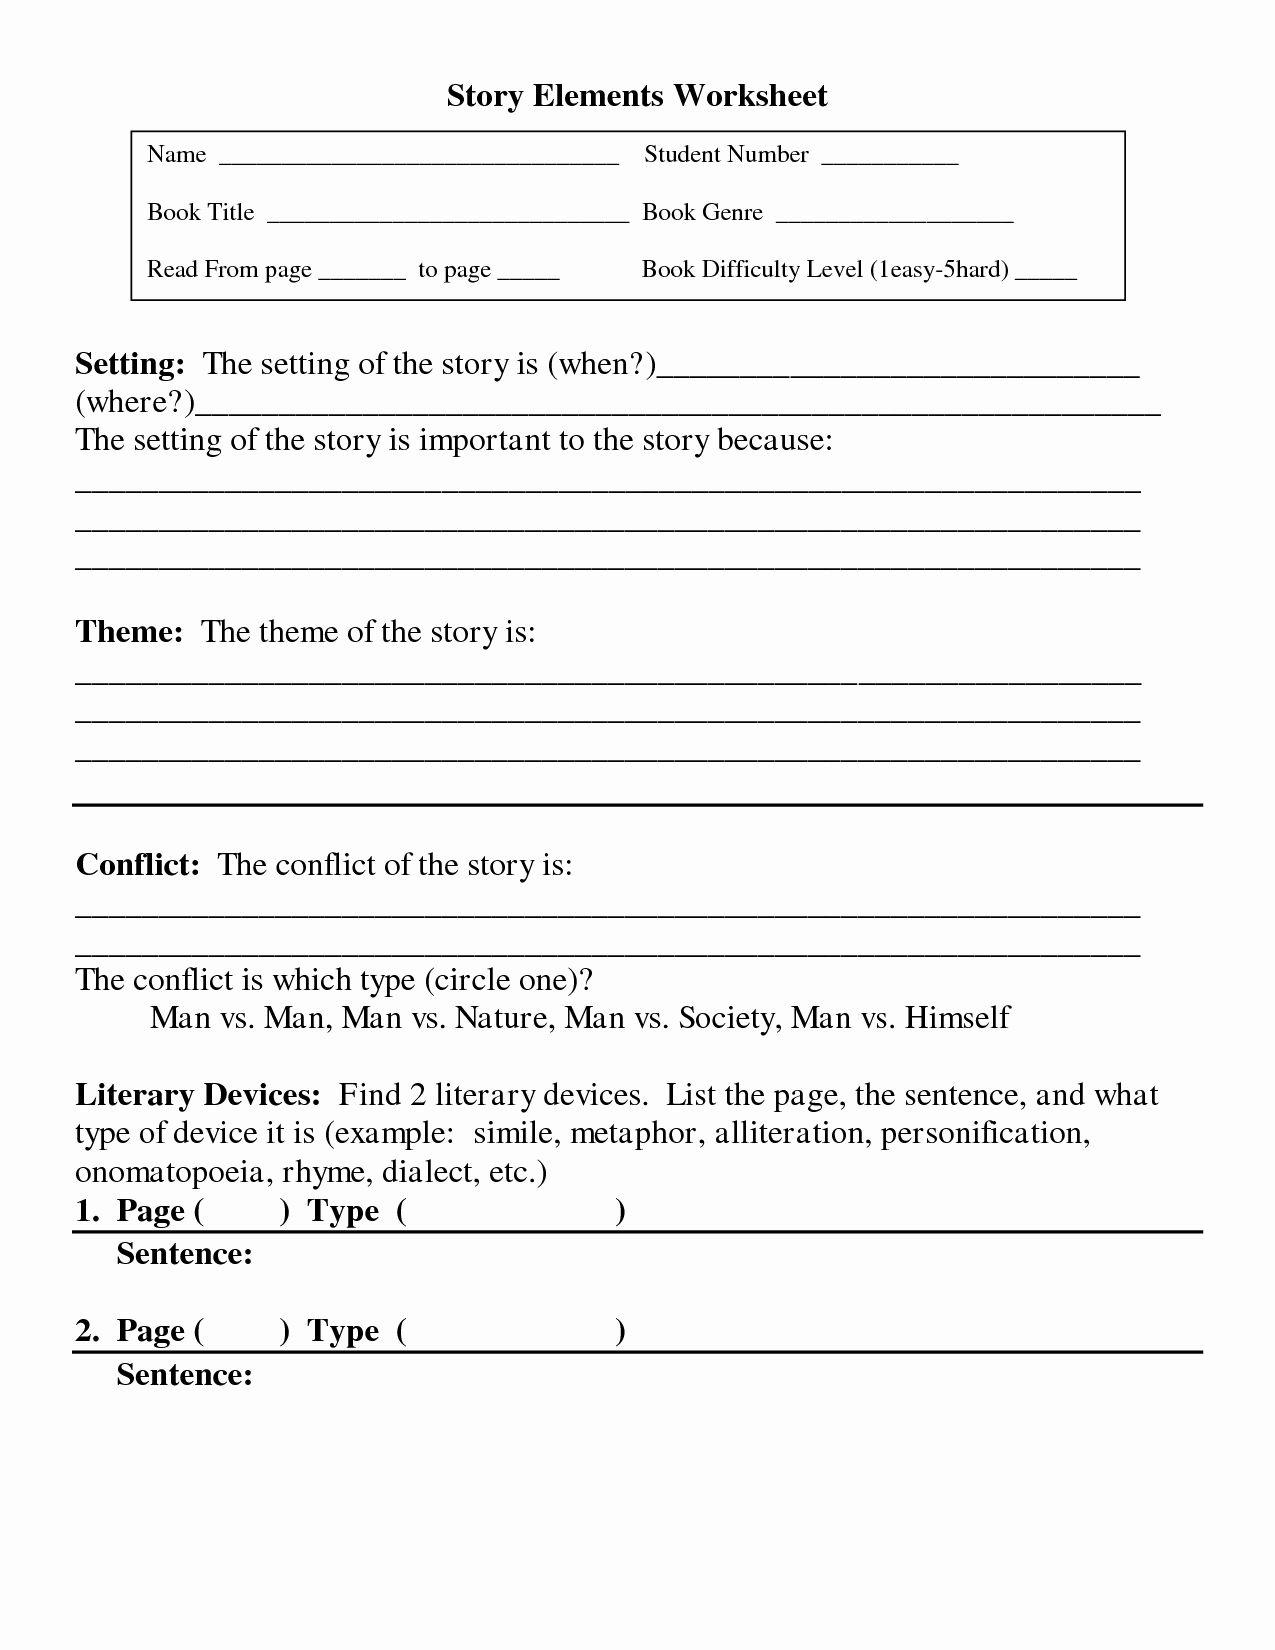 Elements Of A Story Worksheet Elegant 10 Best Of Short